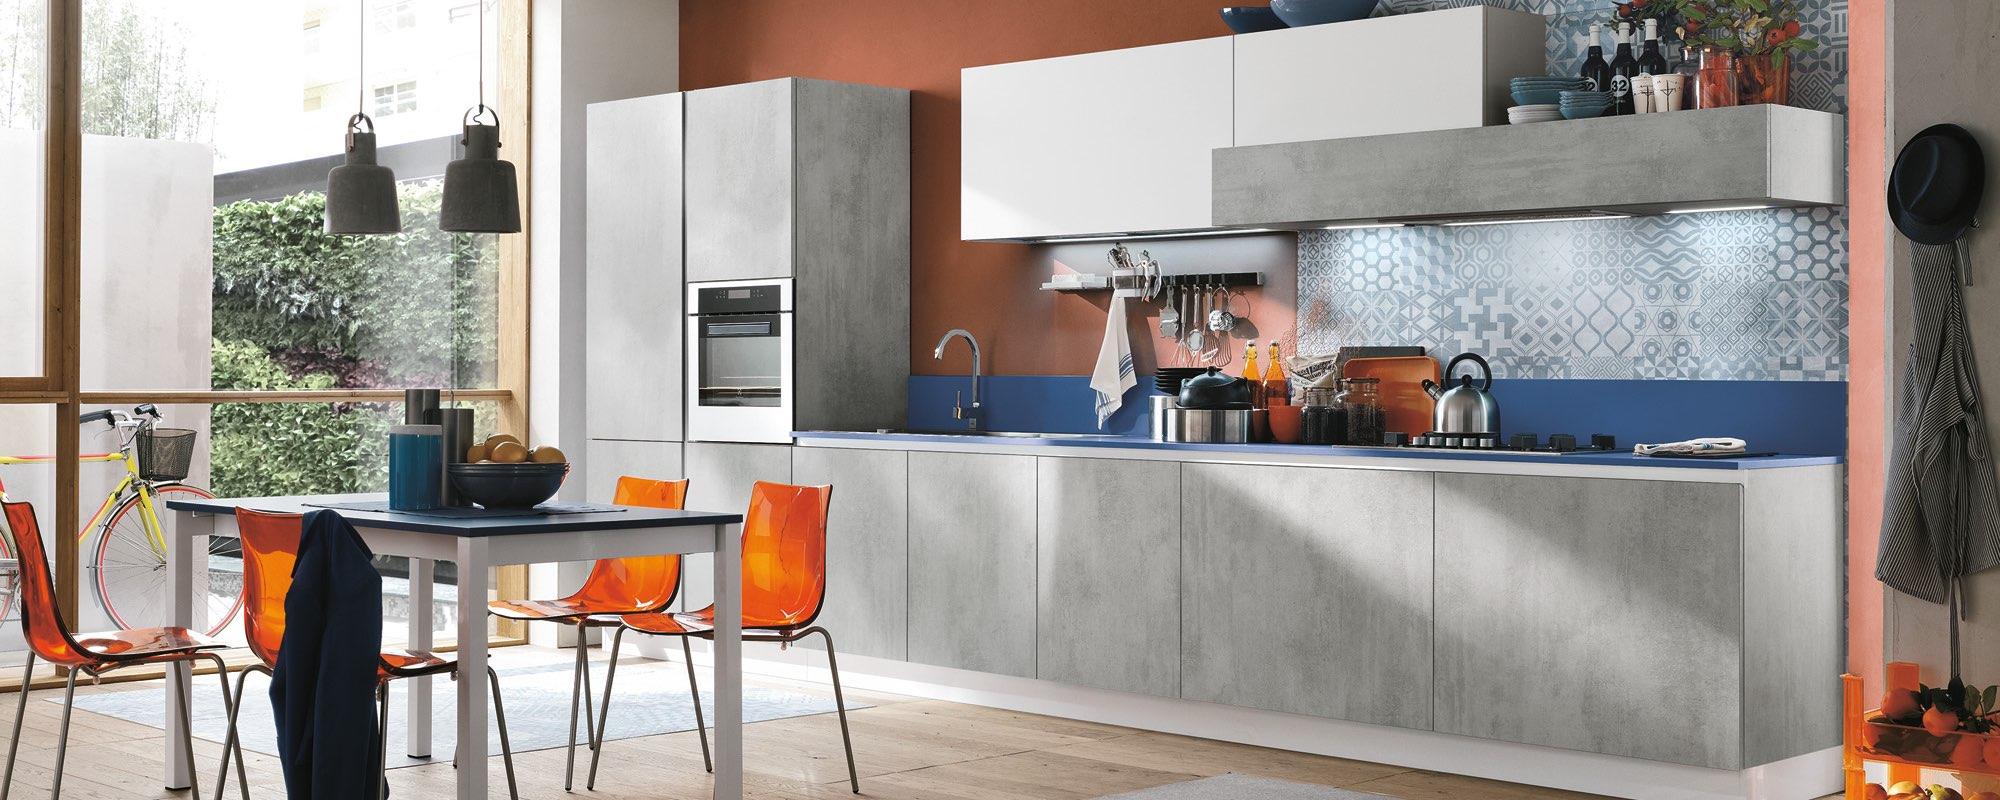 cucina con tavolo in mezzo e sedie arancioni